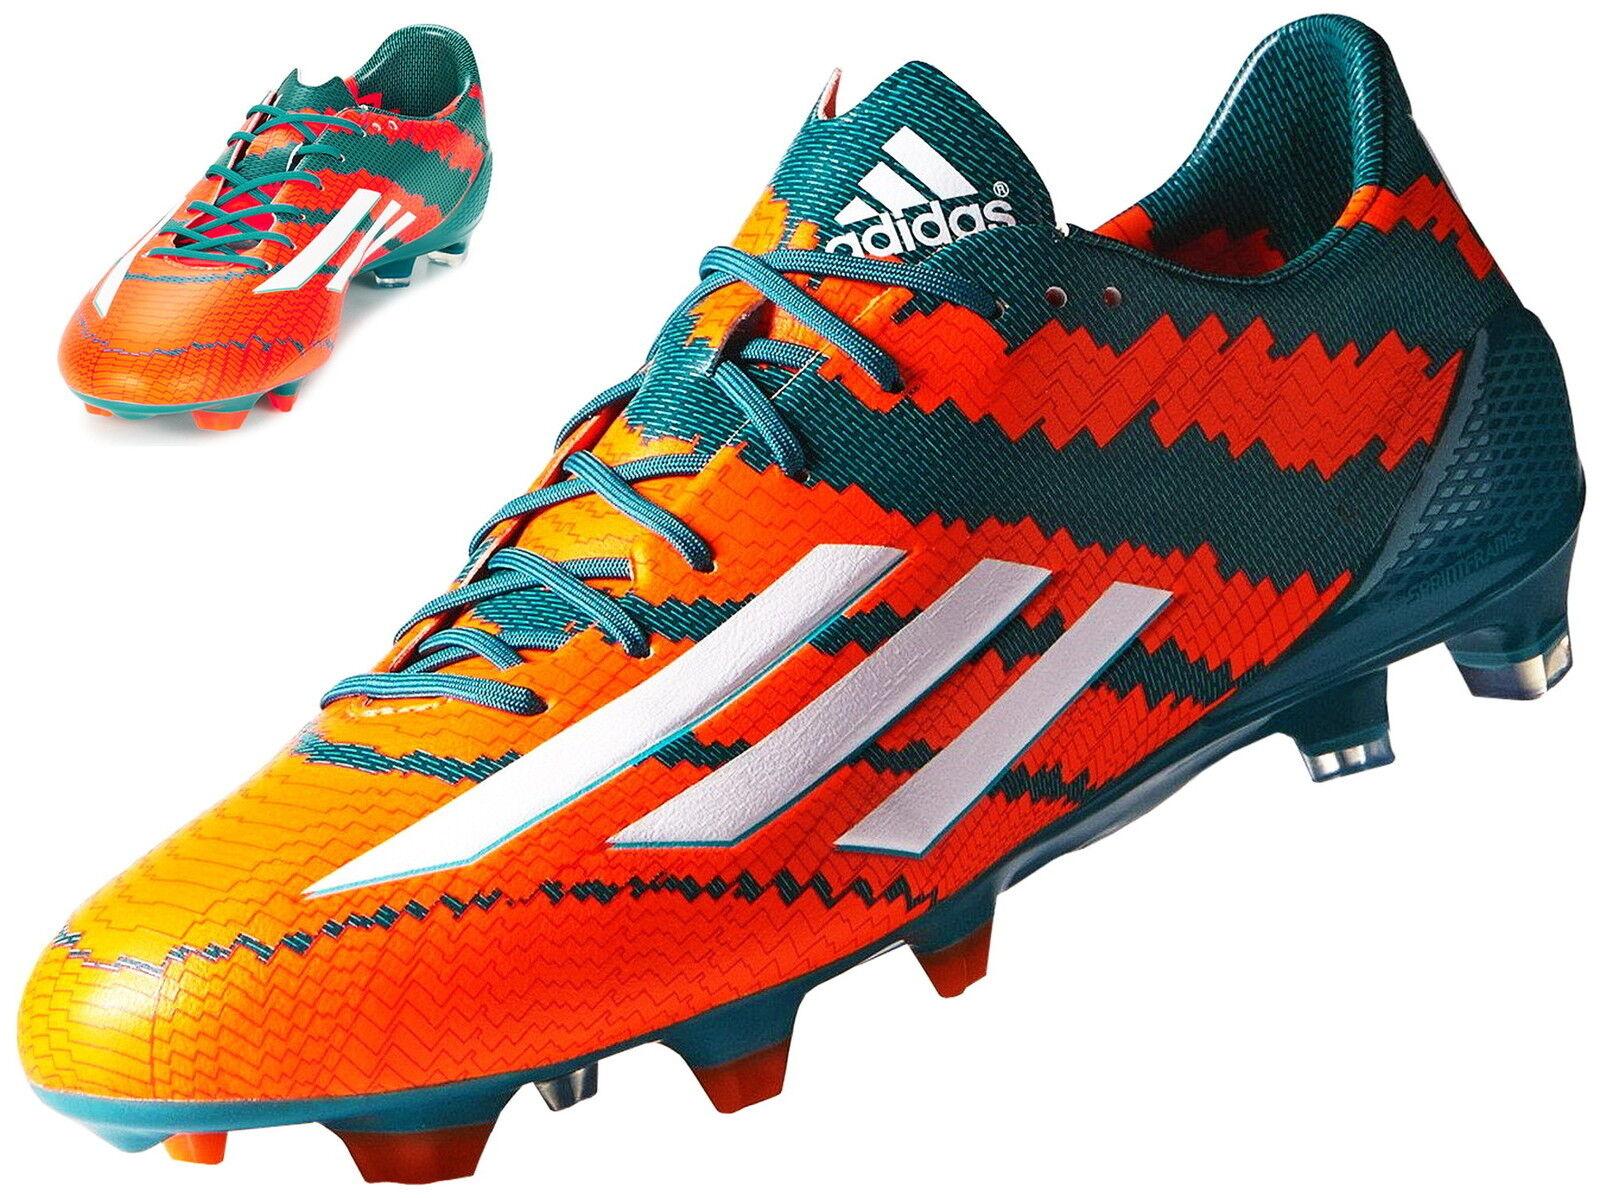 Adidas 10.1 messi FG  levas señores botas de fútbol naranja b44261  mejor calidad